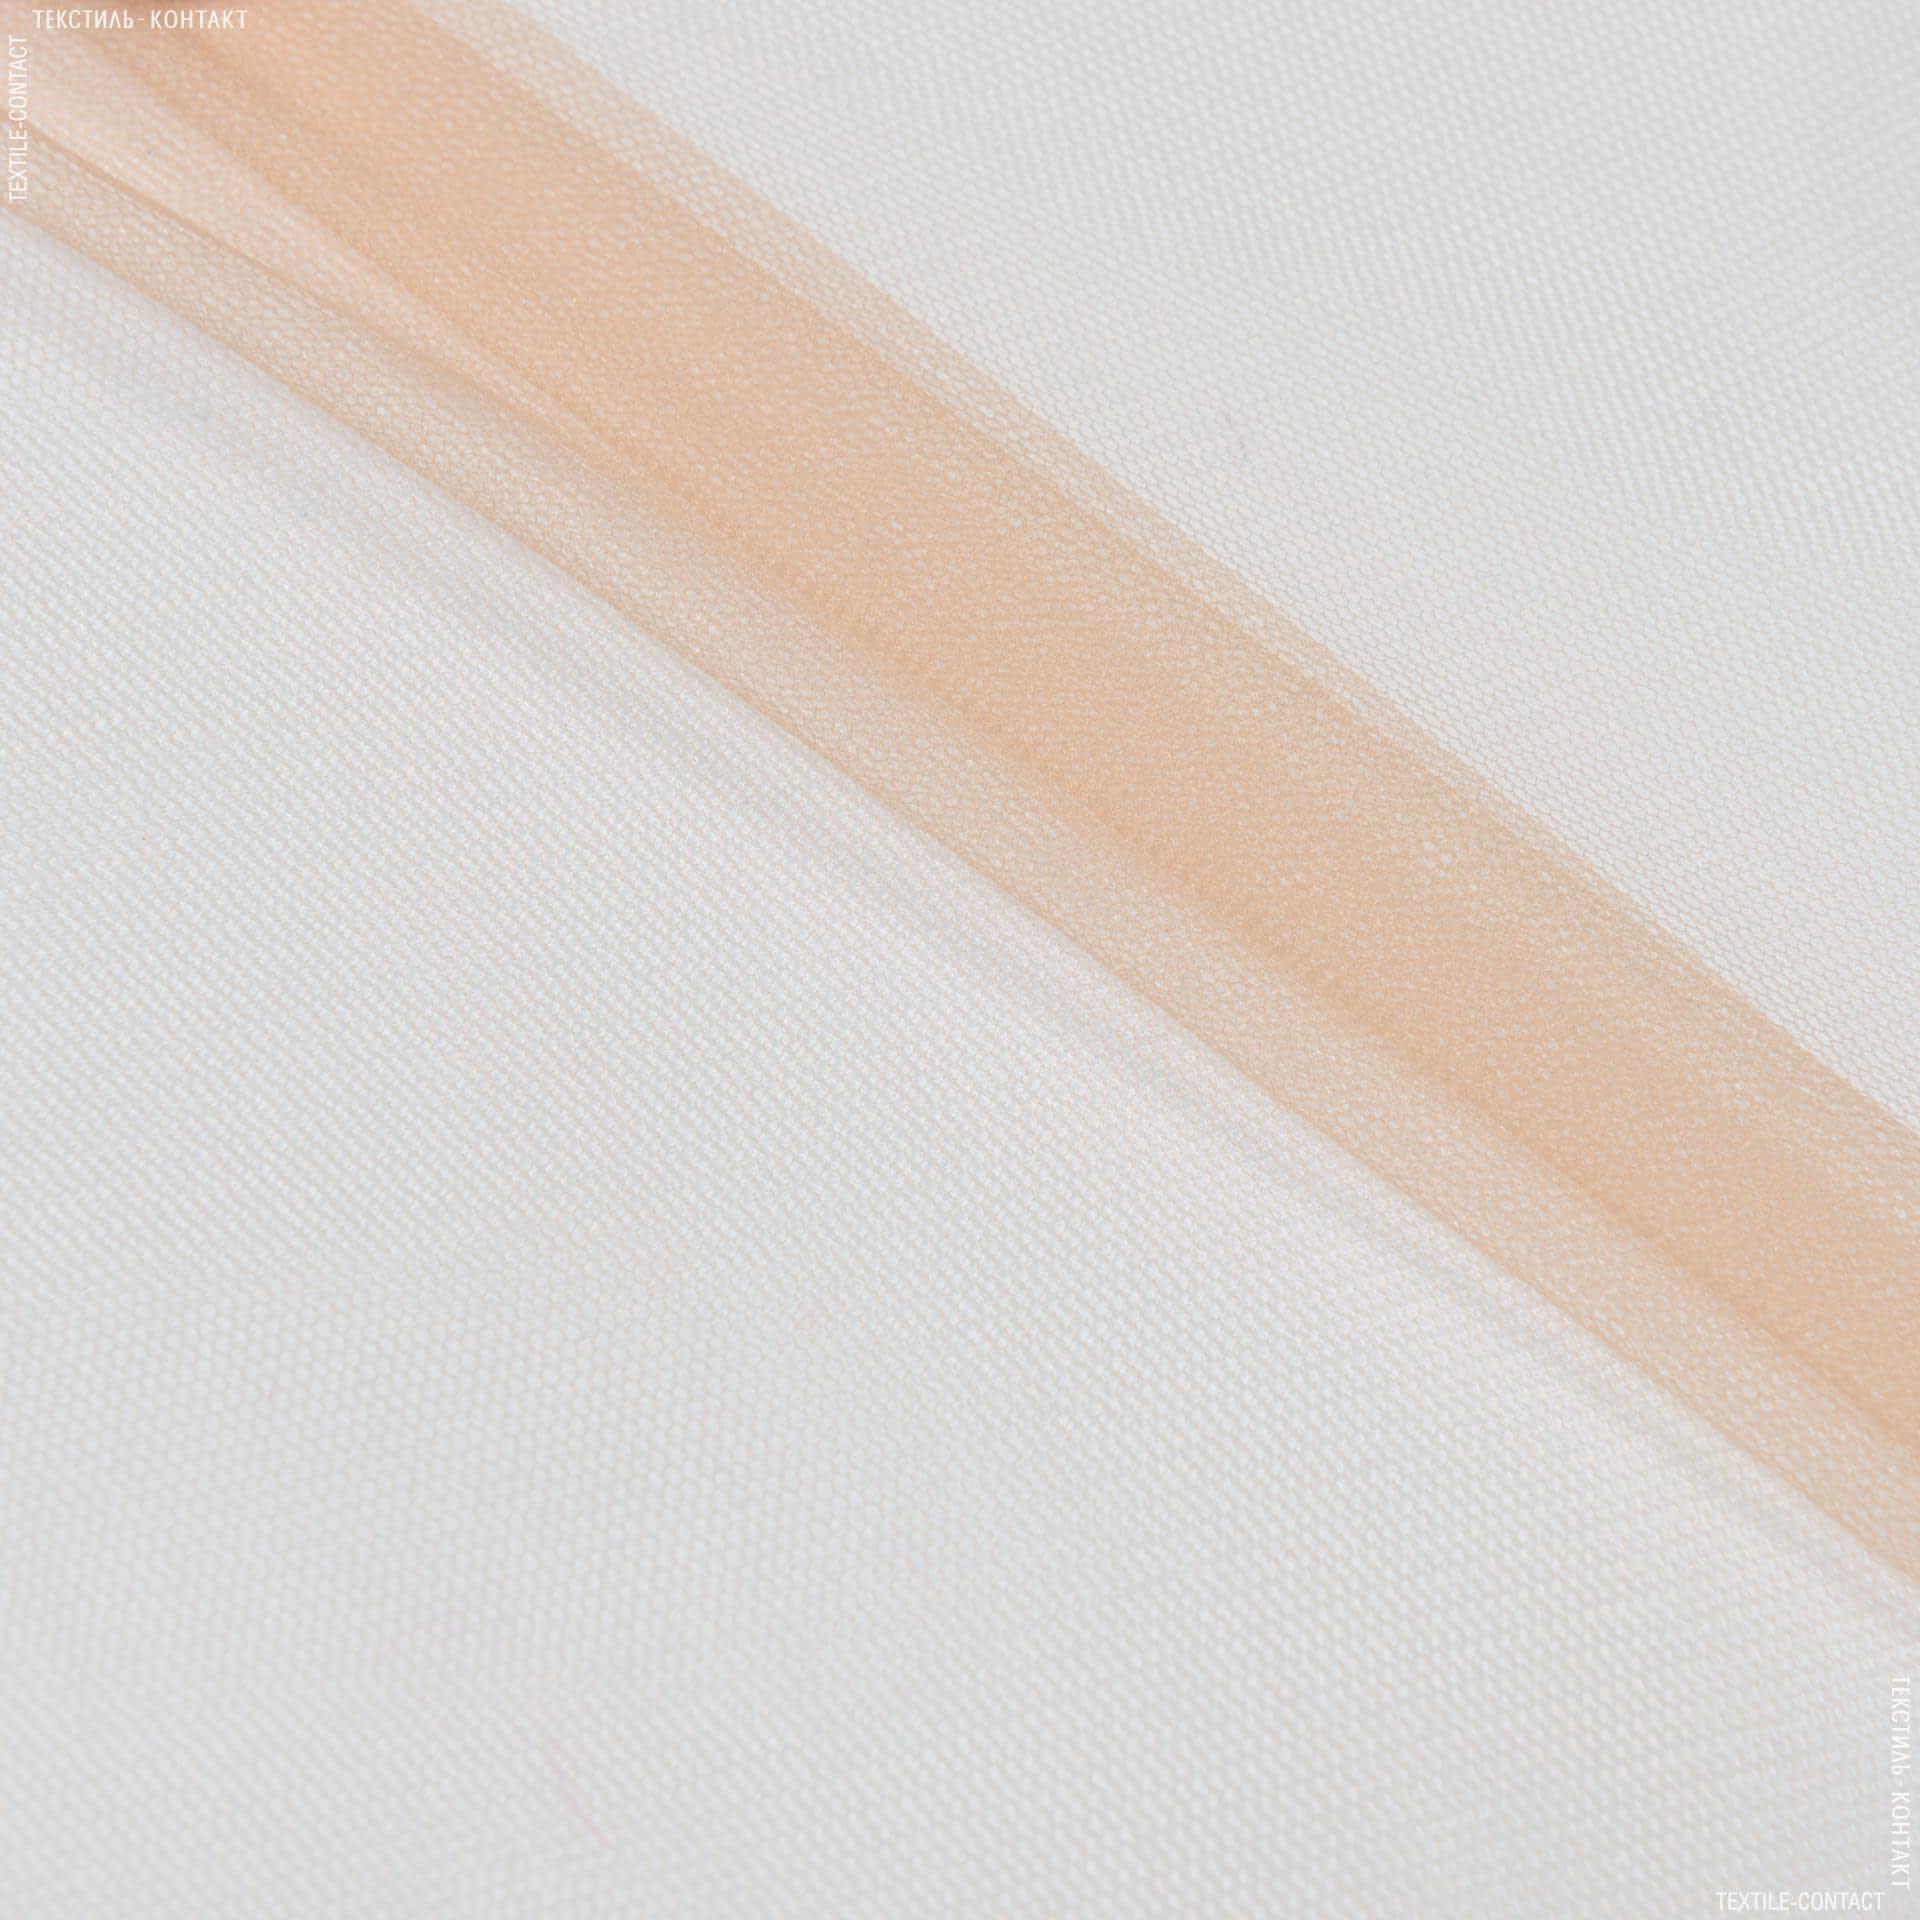 Тканини для блузок - Фатин м'який бежевий